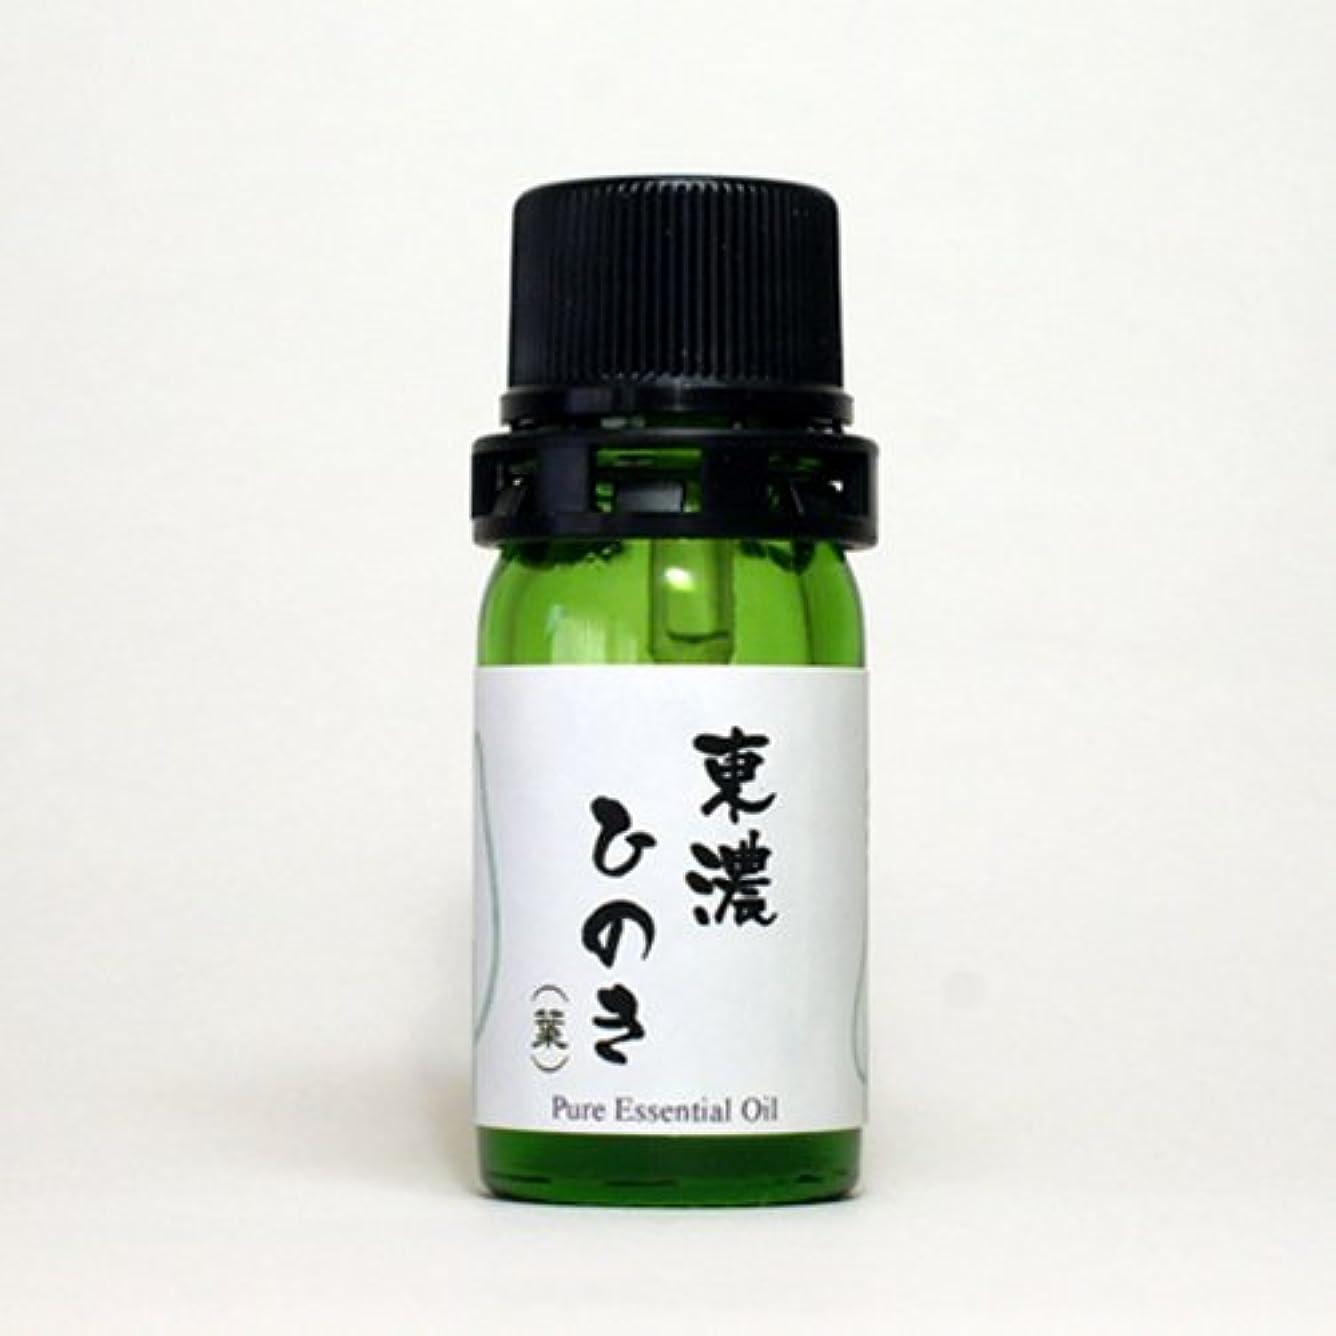 残るキャンセル渇き和精油 東濃ひのき リーフ(岐阜県産) エッセンシャルオイル 5ml